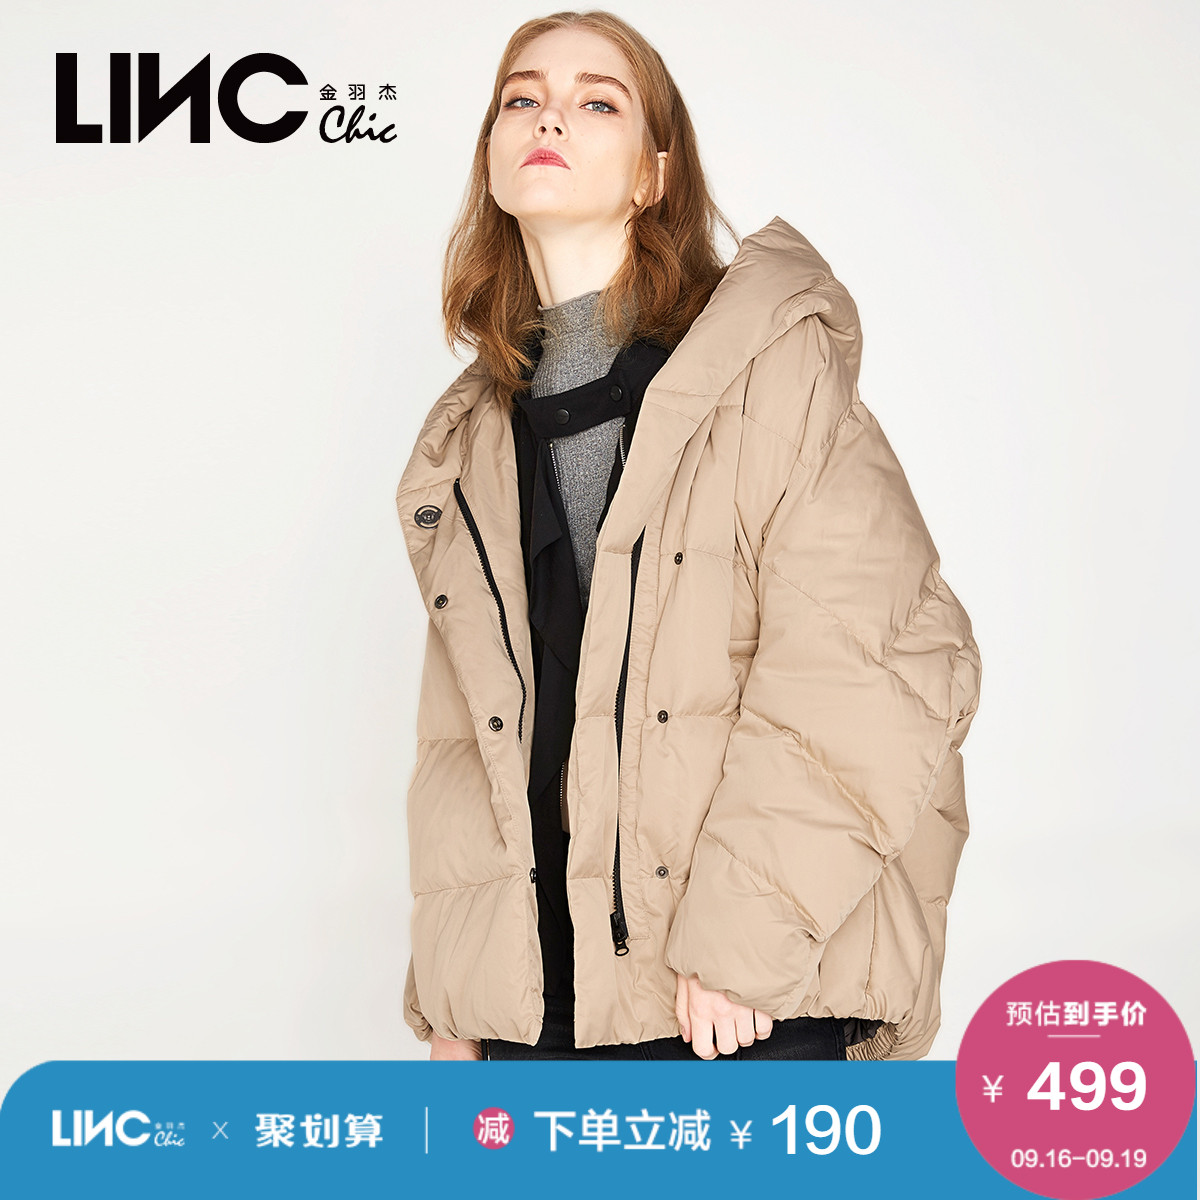 LINC金羽杰冬新品街头风拼接连帽短款蝙蝠袖宽松羽绒服外套女